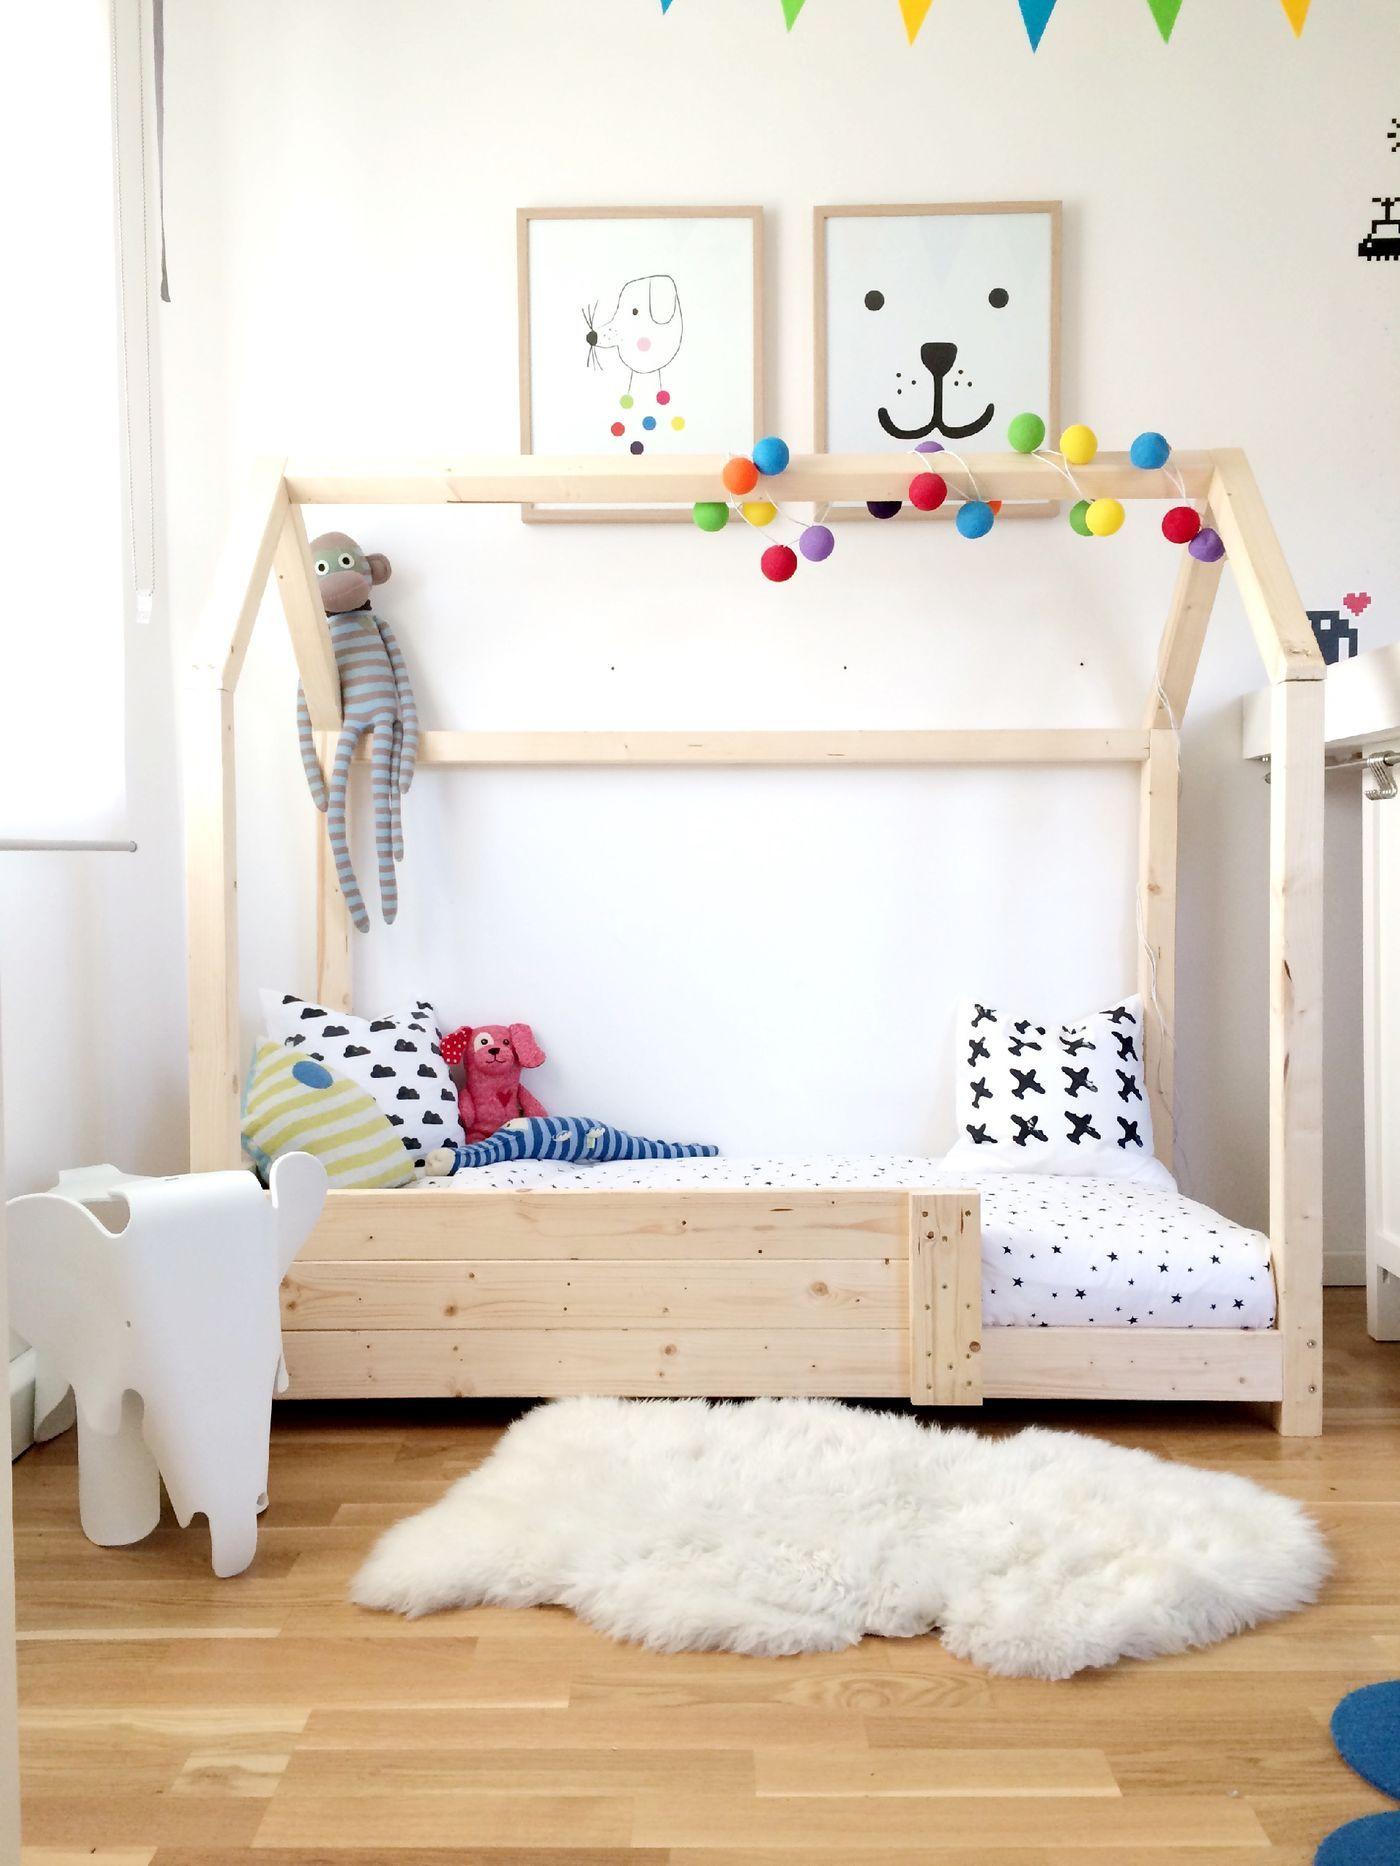 Full Size of Einrichtung Kinderzimmer Sofa Regale Regal Weiß Kinderzimmer Einrichtung Kinderzimmer